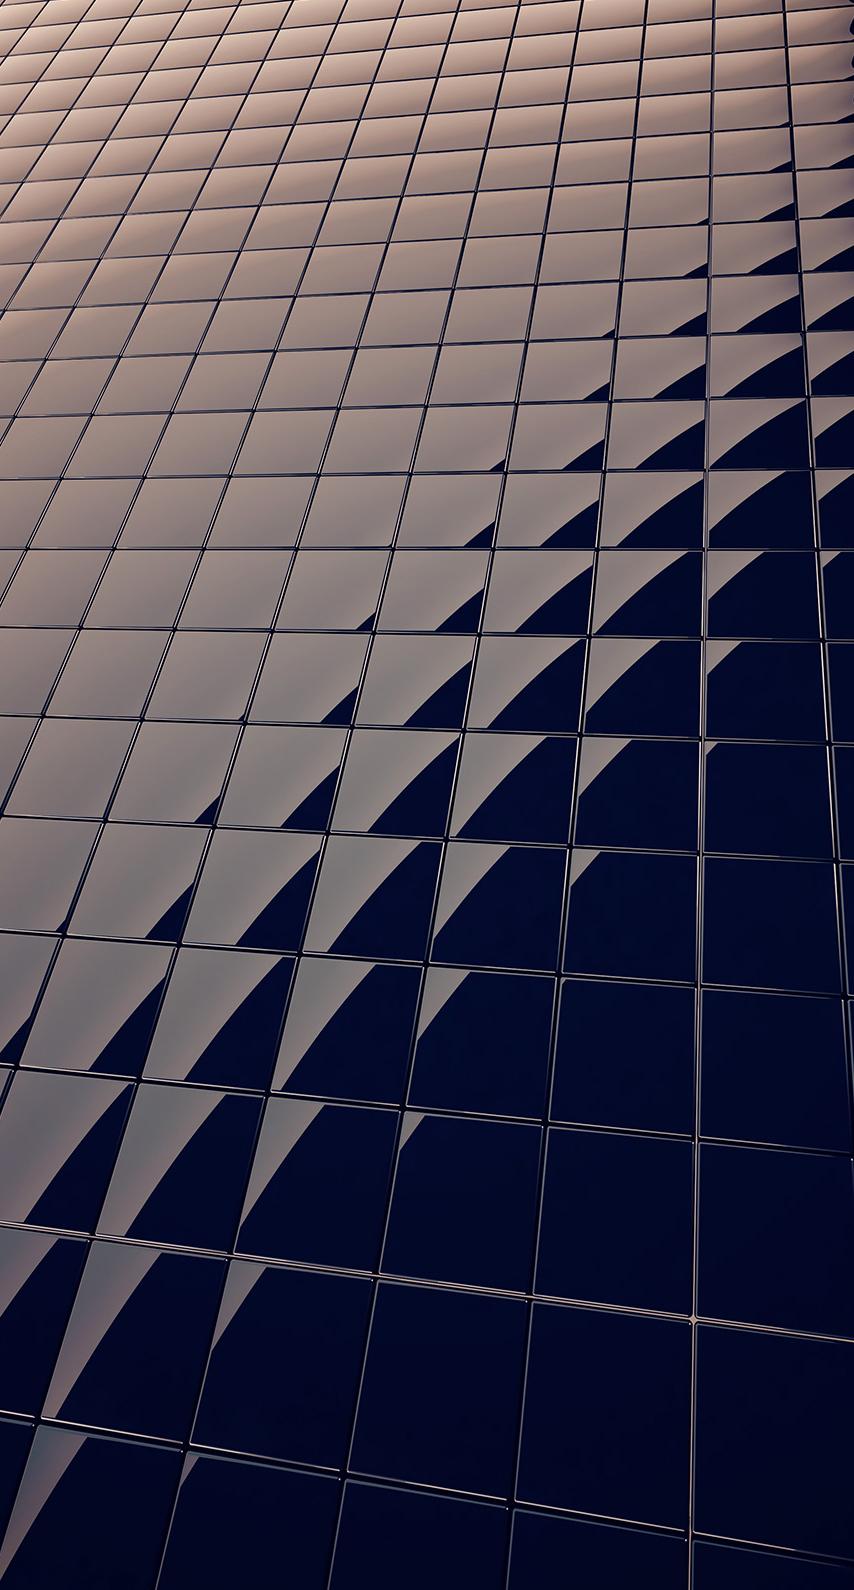 futuristic, geometric, skyscraper, abstract